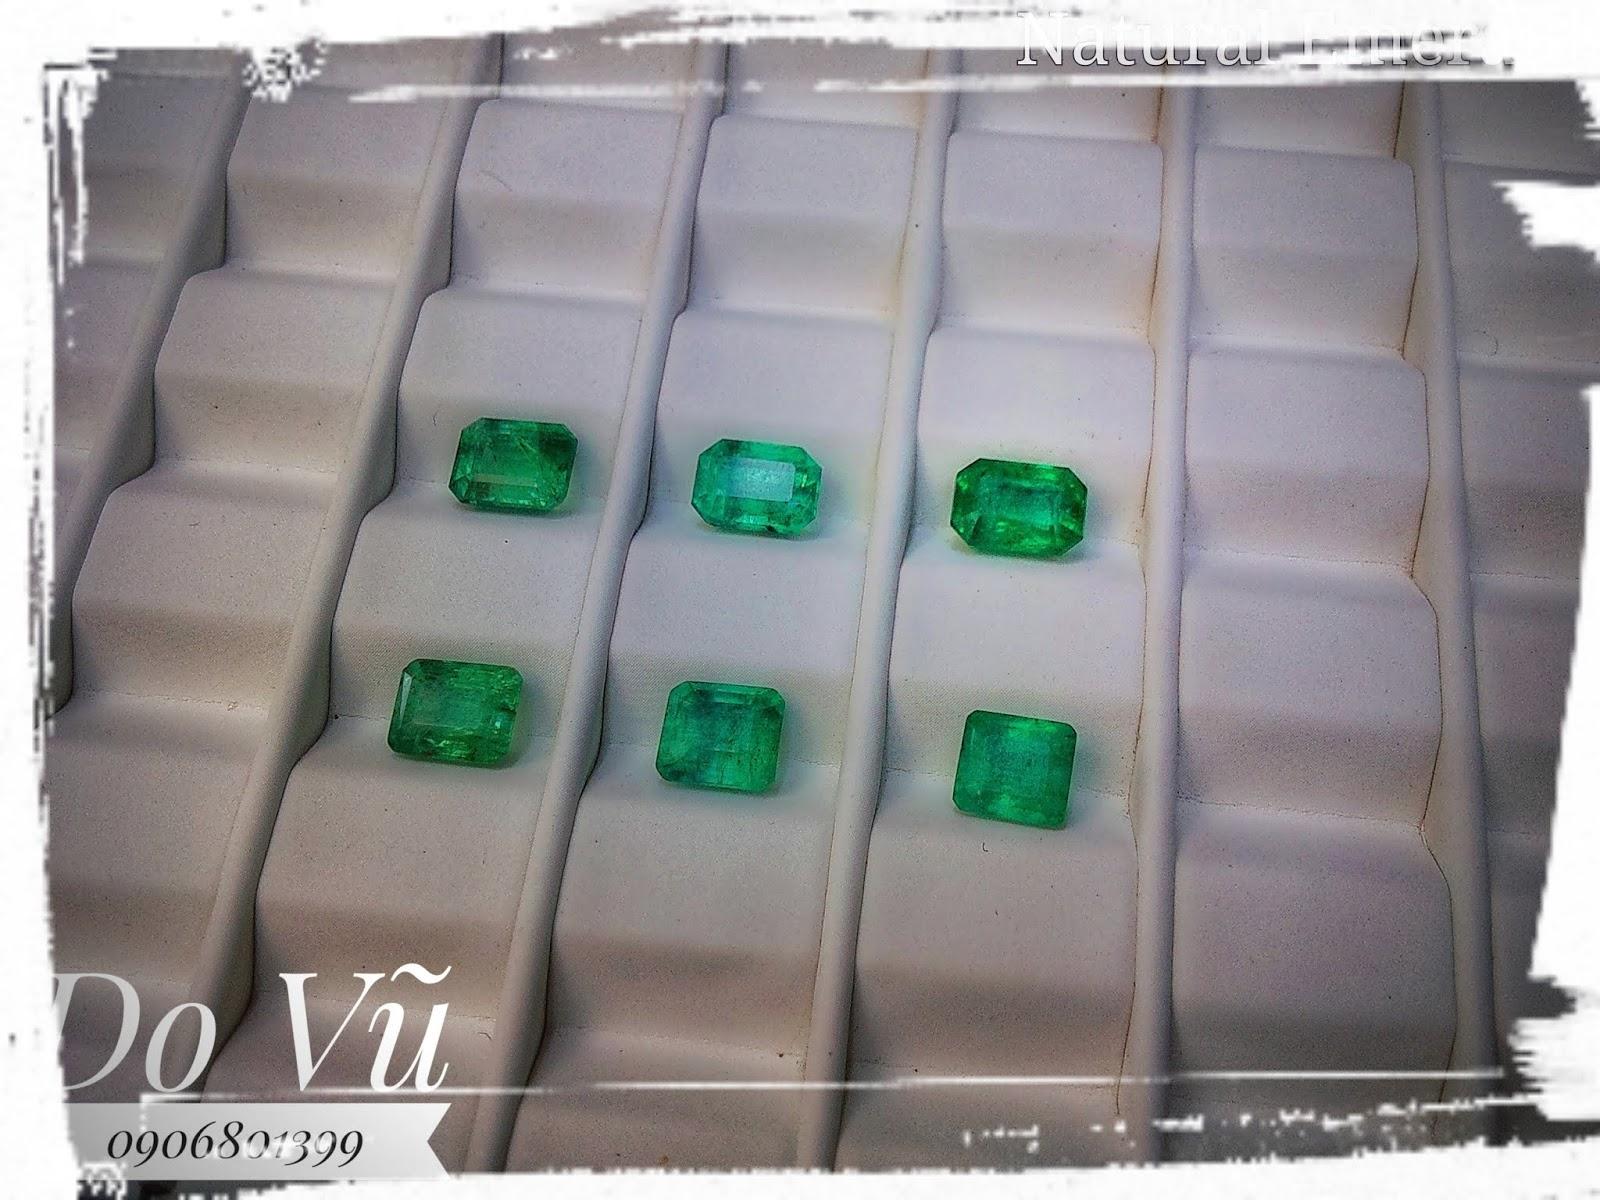 Đá quý Ngọc Lục Bảo thiên nhiên, Natural Emerald chất ngọc kính xanh chuẩn lửa mạnh ( 19/04/20, 04 )